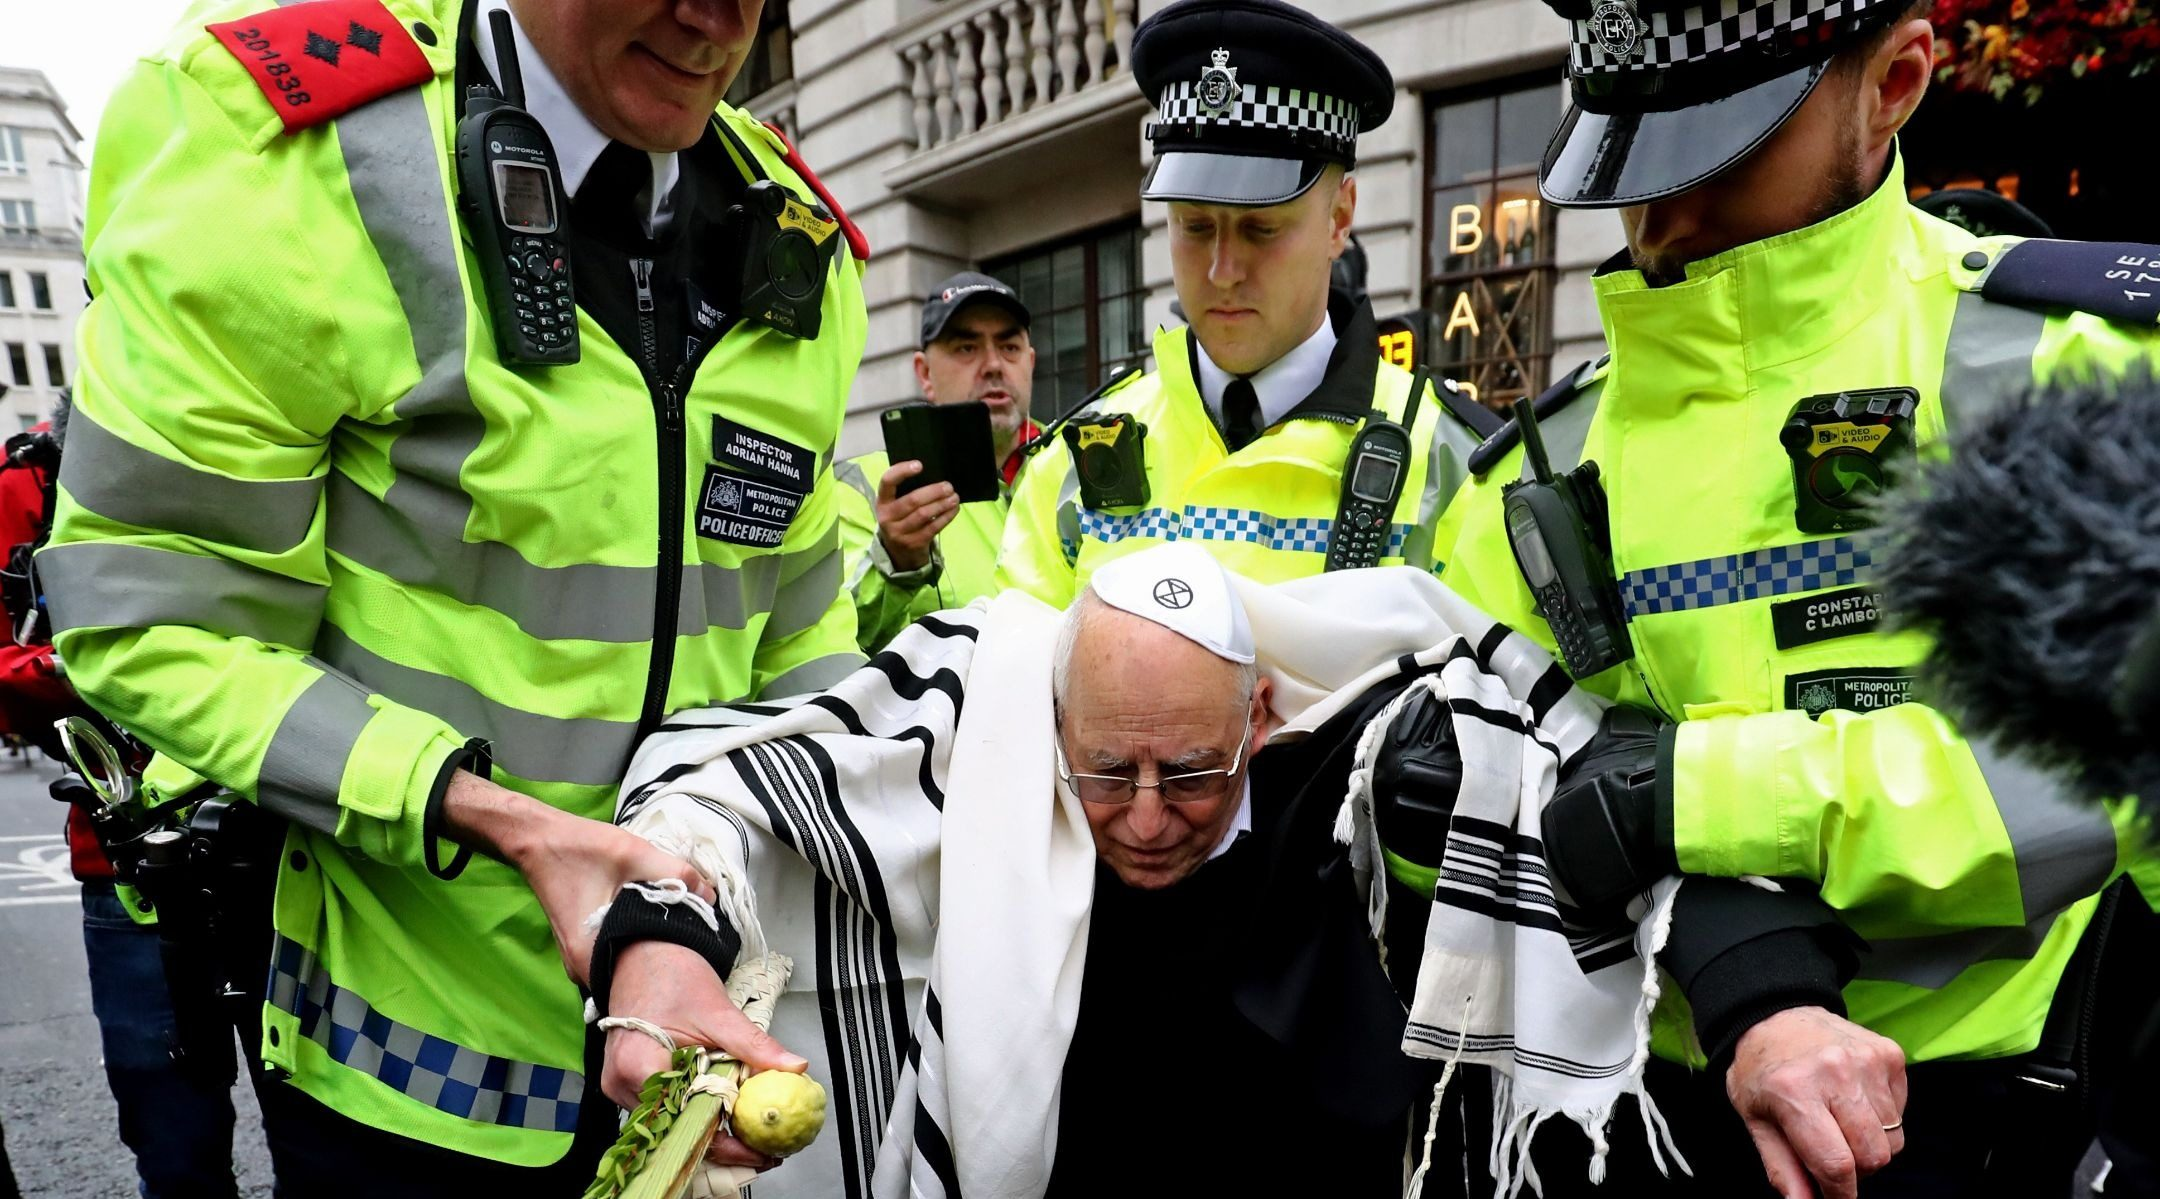 Un rabbin activiste de 77 ans  arrêté pour avoir manifesté à Londres